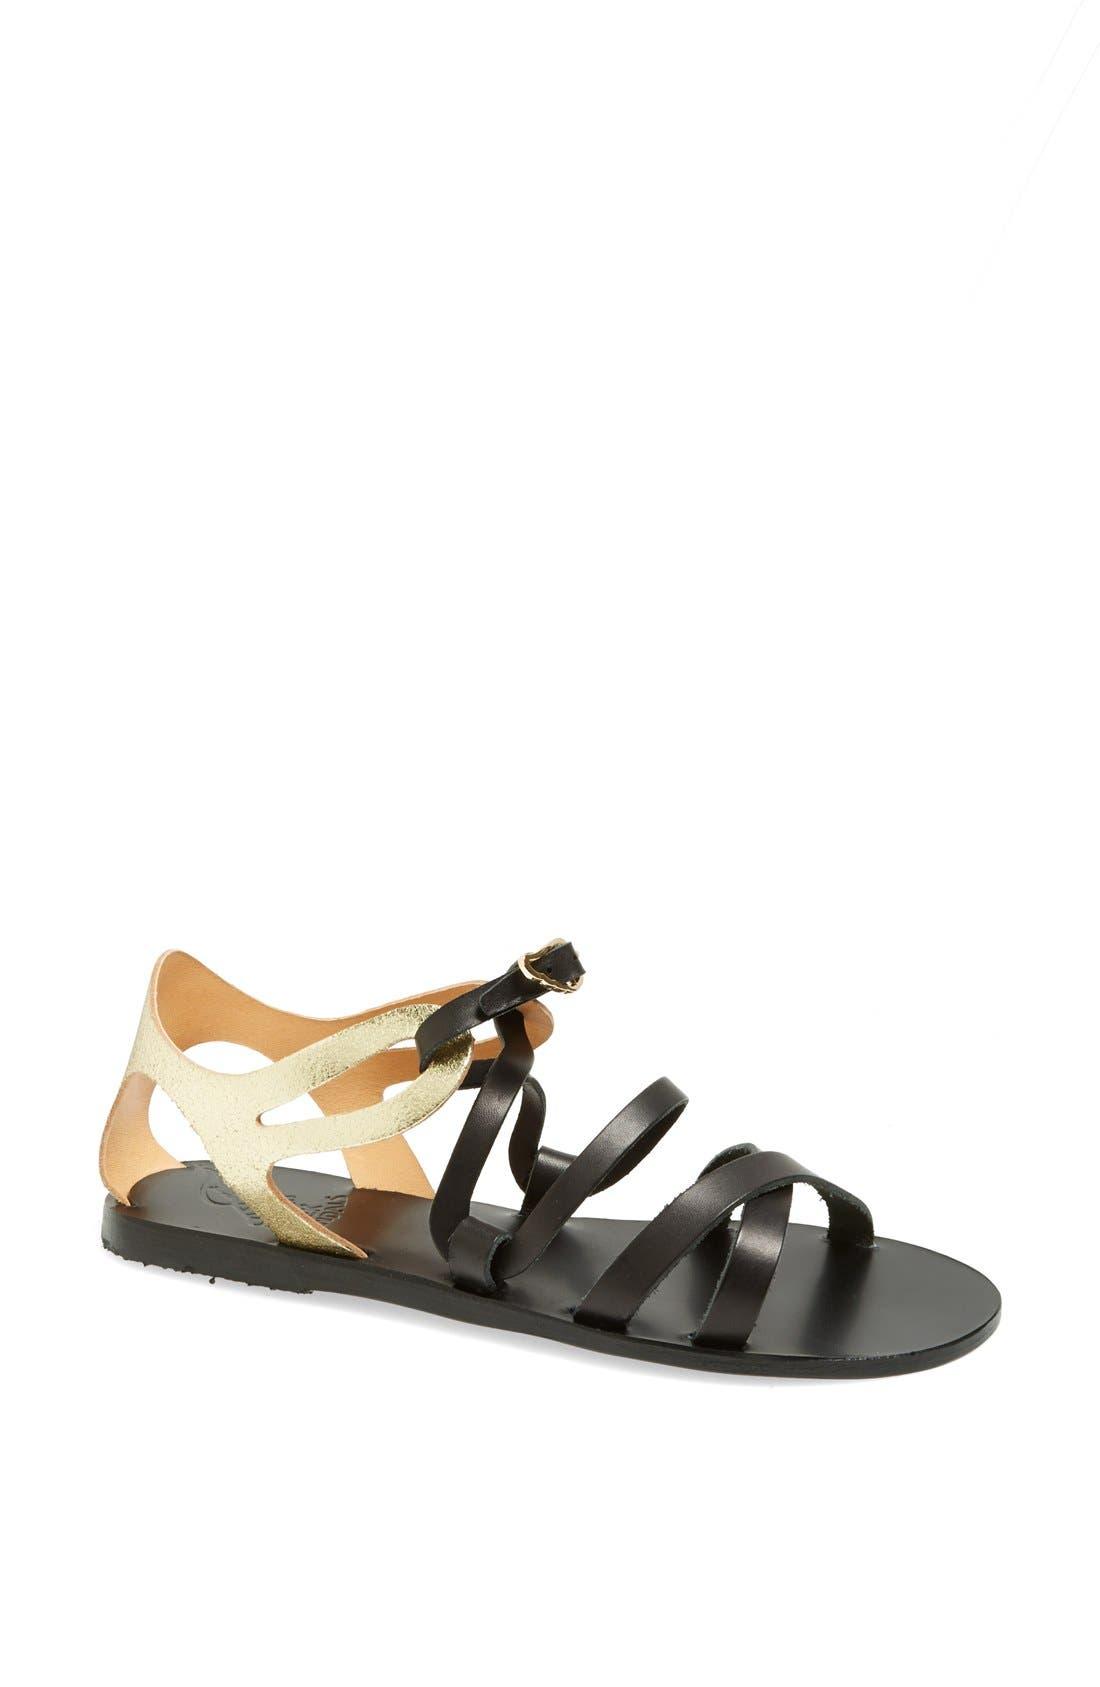 Alternate Image 1 Selected - Ancient Greek Sandals 'Ellie' Leather Ankle Strap Sandal